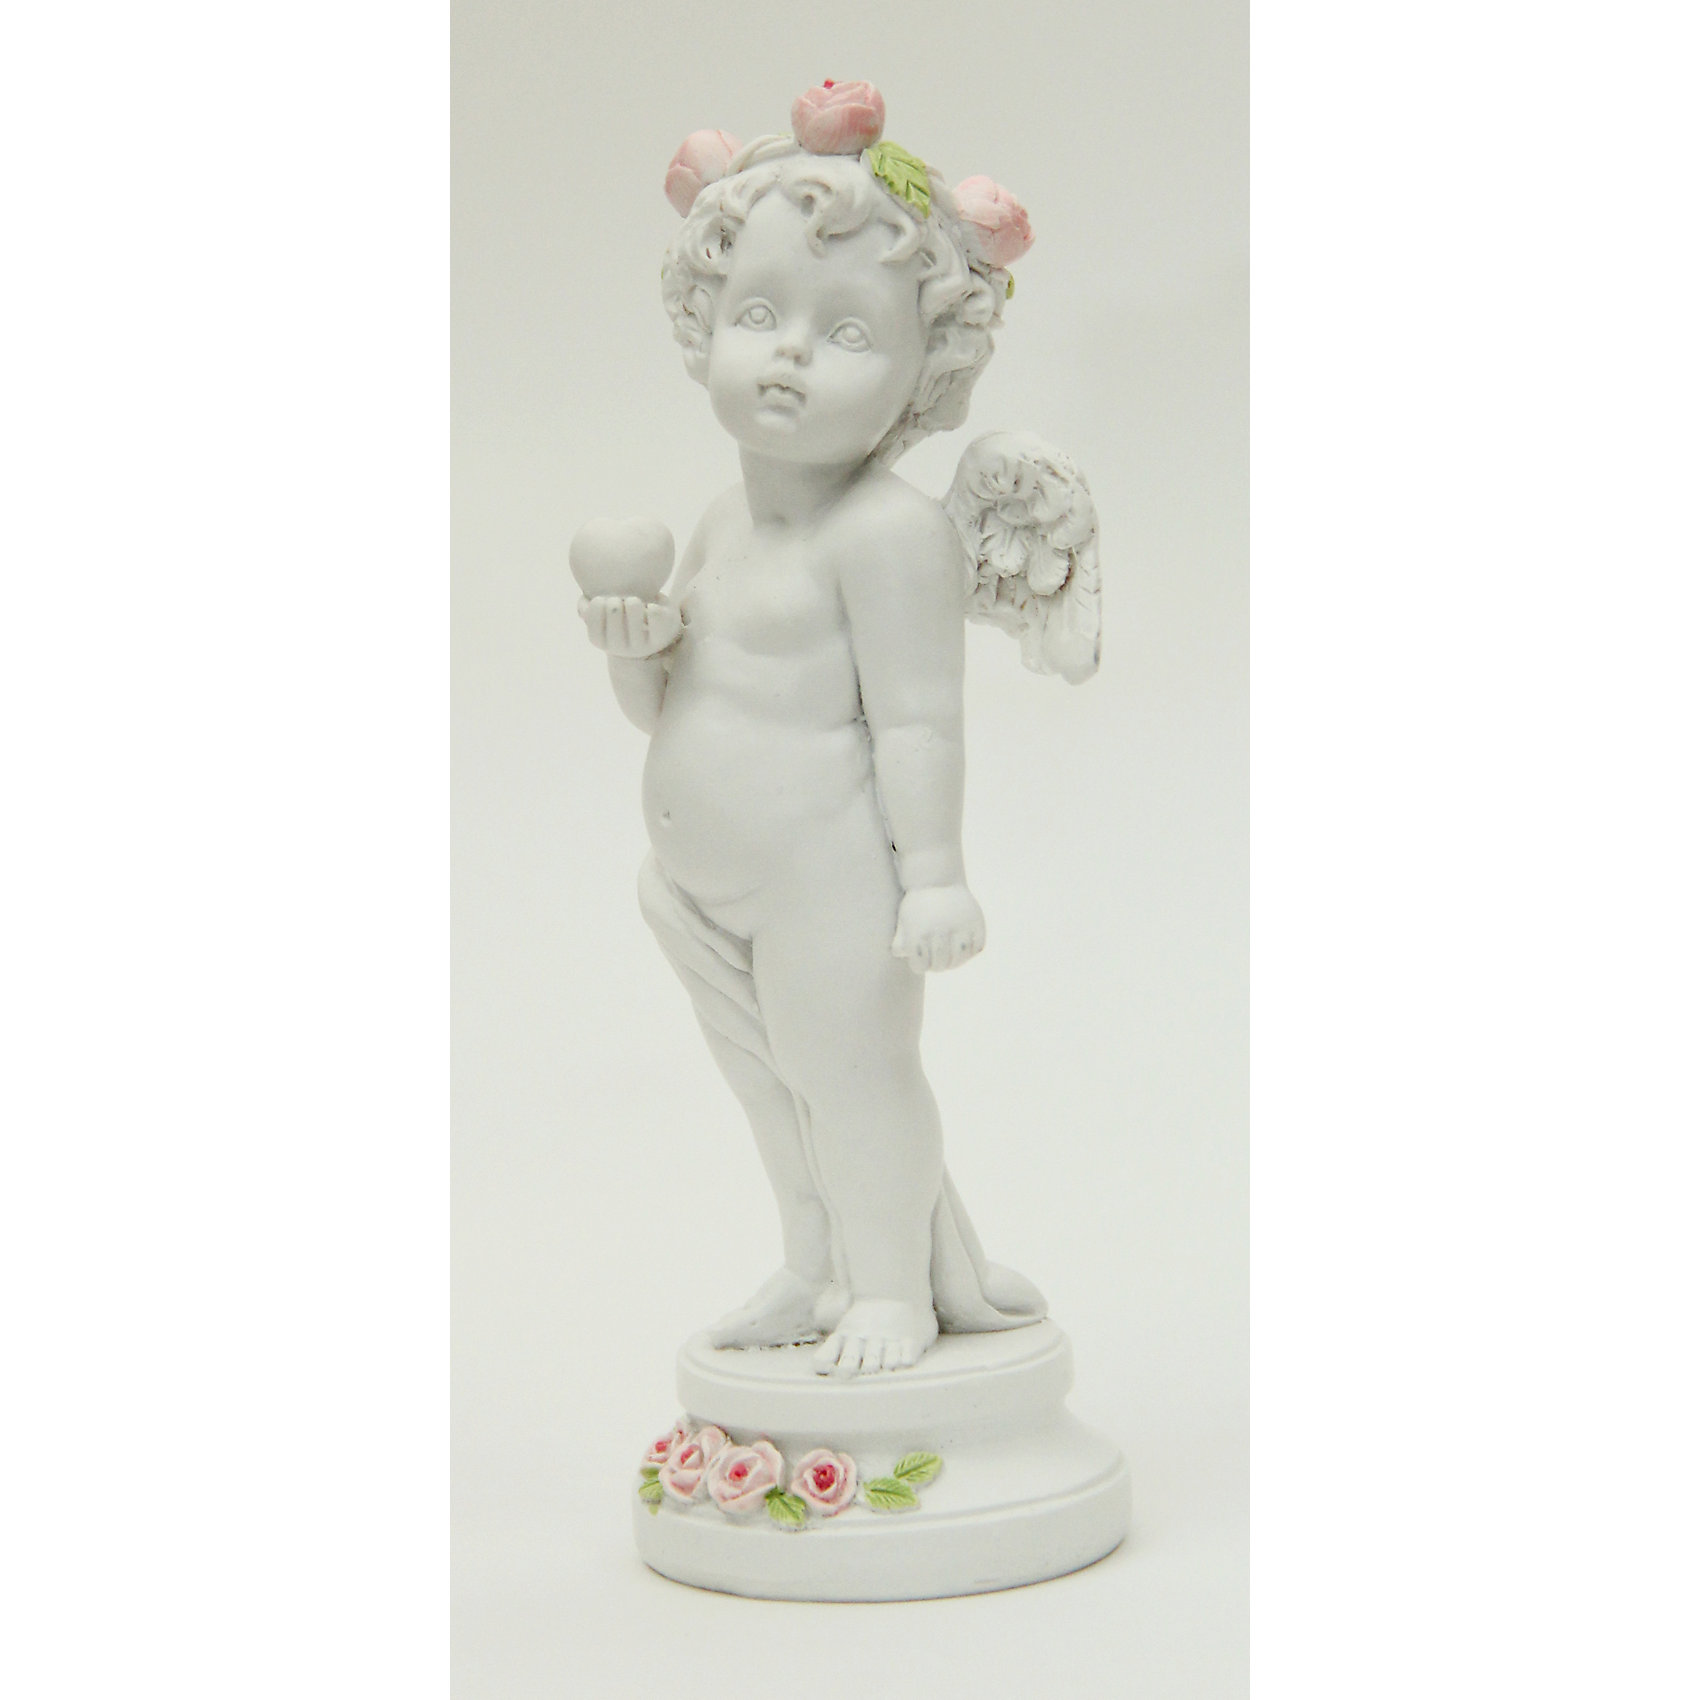 Феникс-Презент Фигурка Влюбленный ангел 4,7*4,5*12,7 см ваза декоративная феникс презент цвет белый коричневый высота 13 см